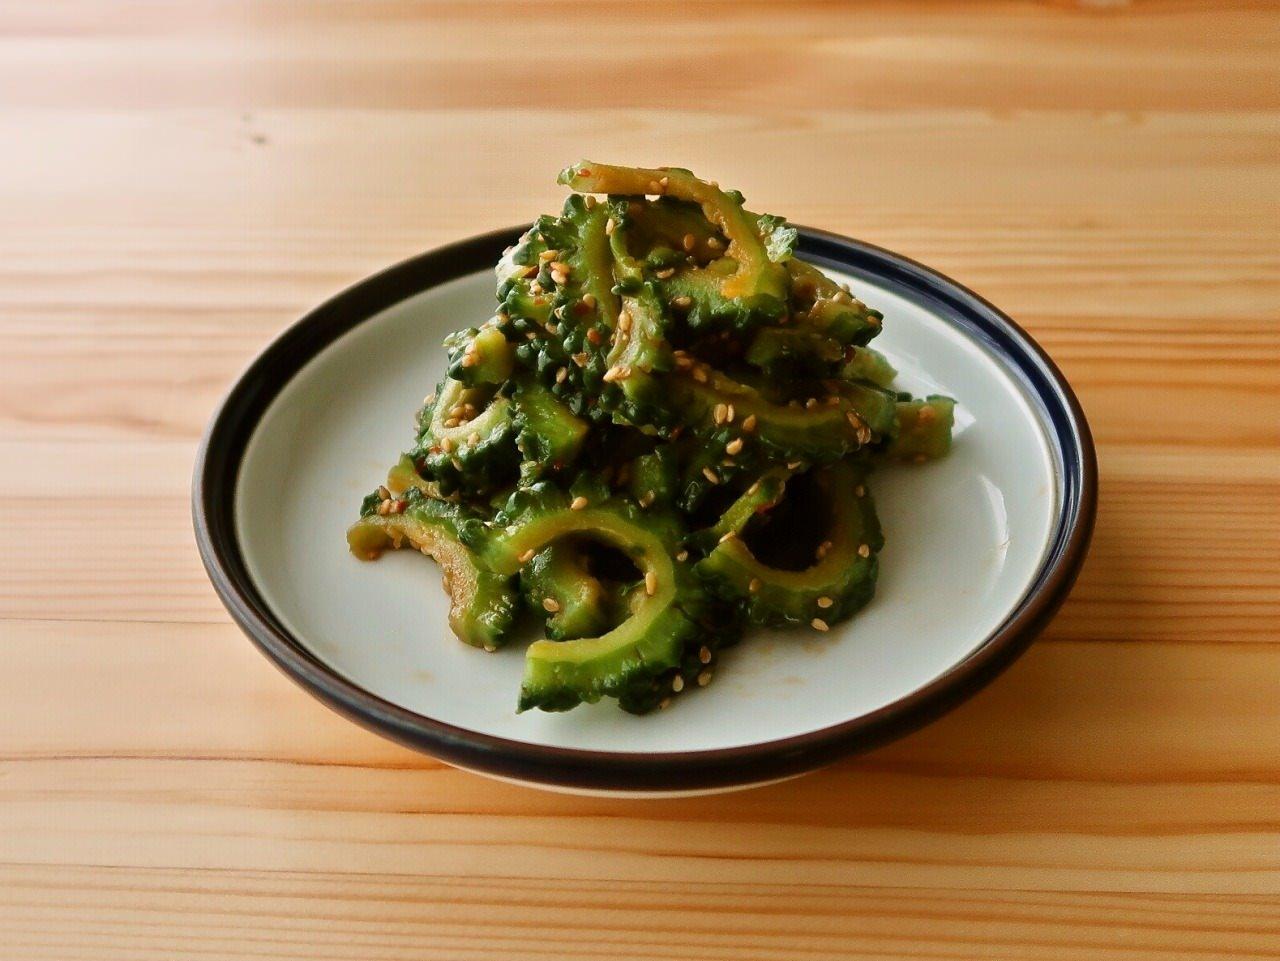 【野菜ひとつ】ゴーヤの豆板醤和え